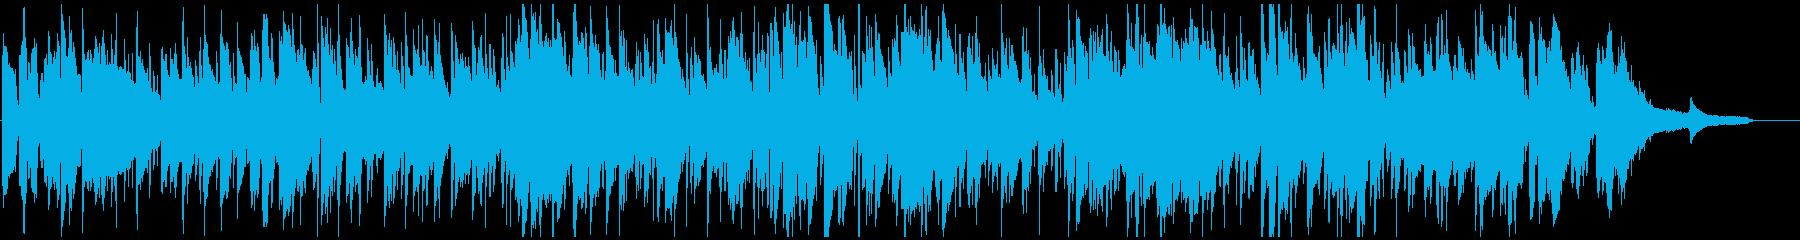 ゆったりボサノバ、素敵な生演奏サックスの再生済みの波形